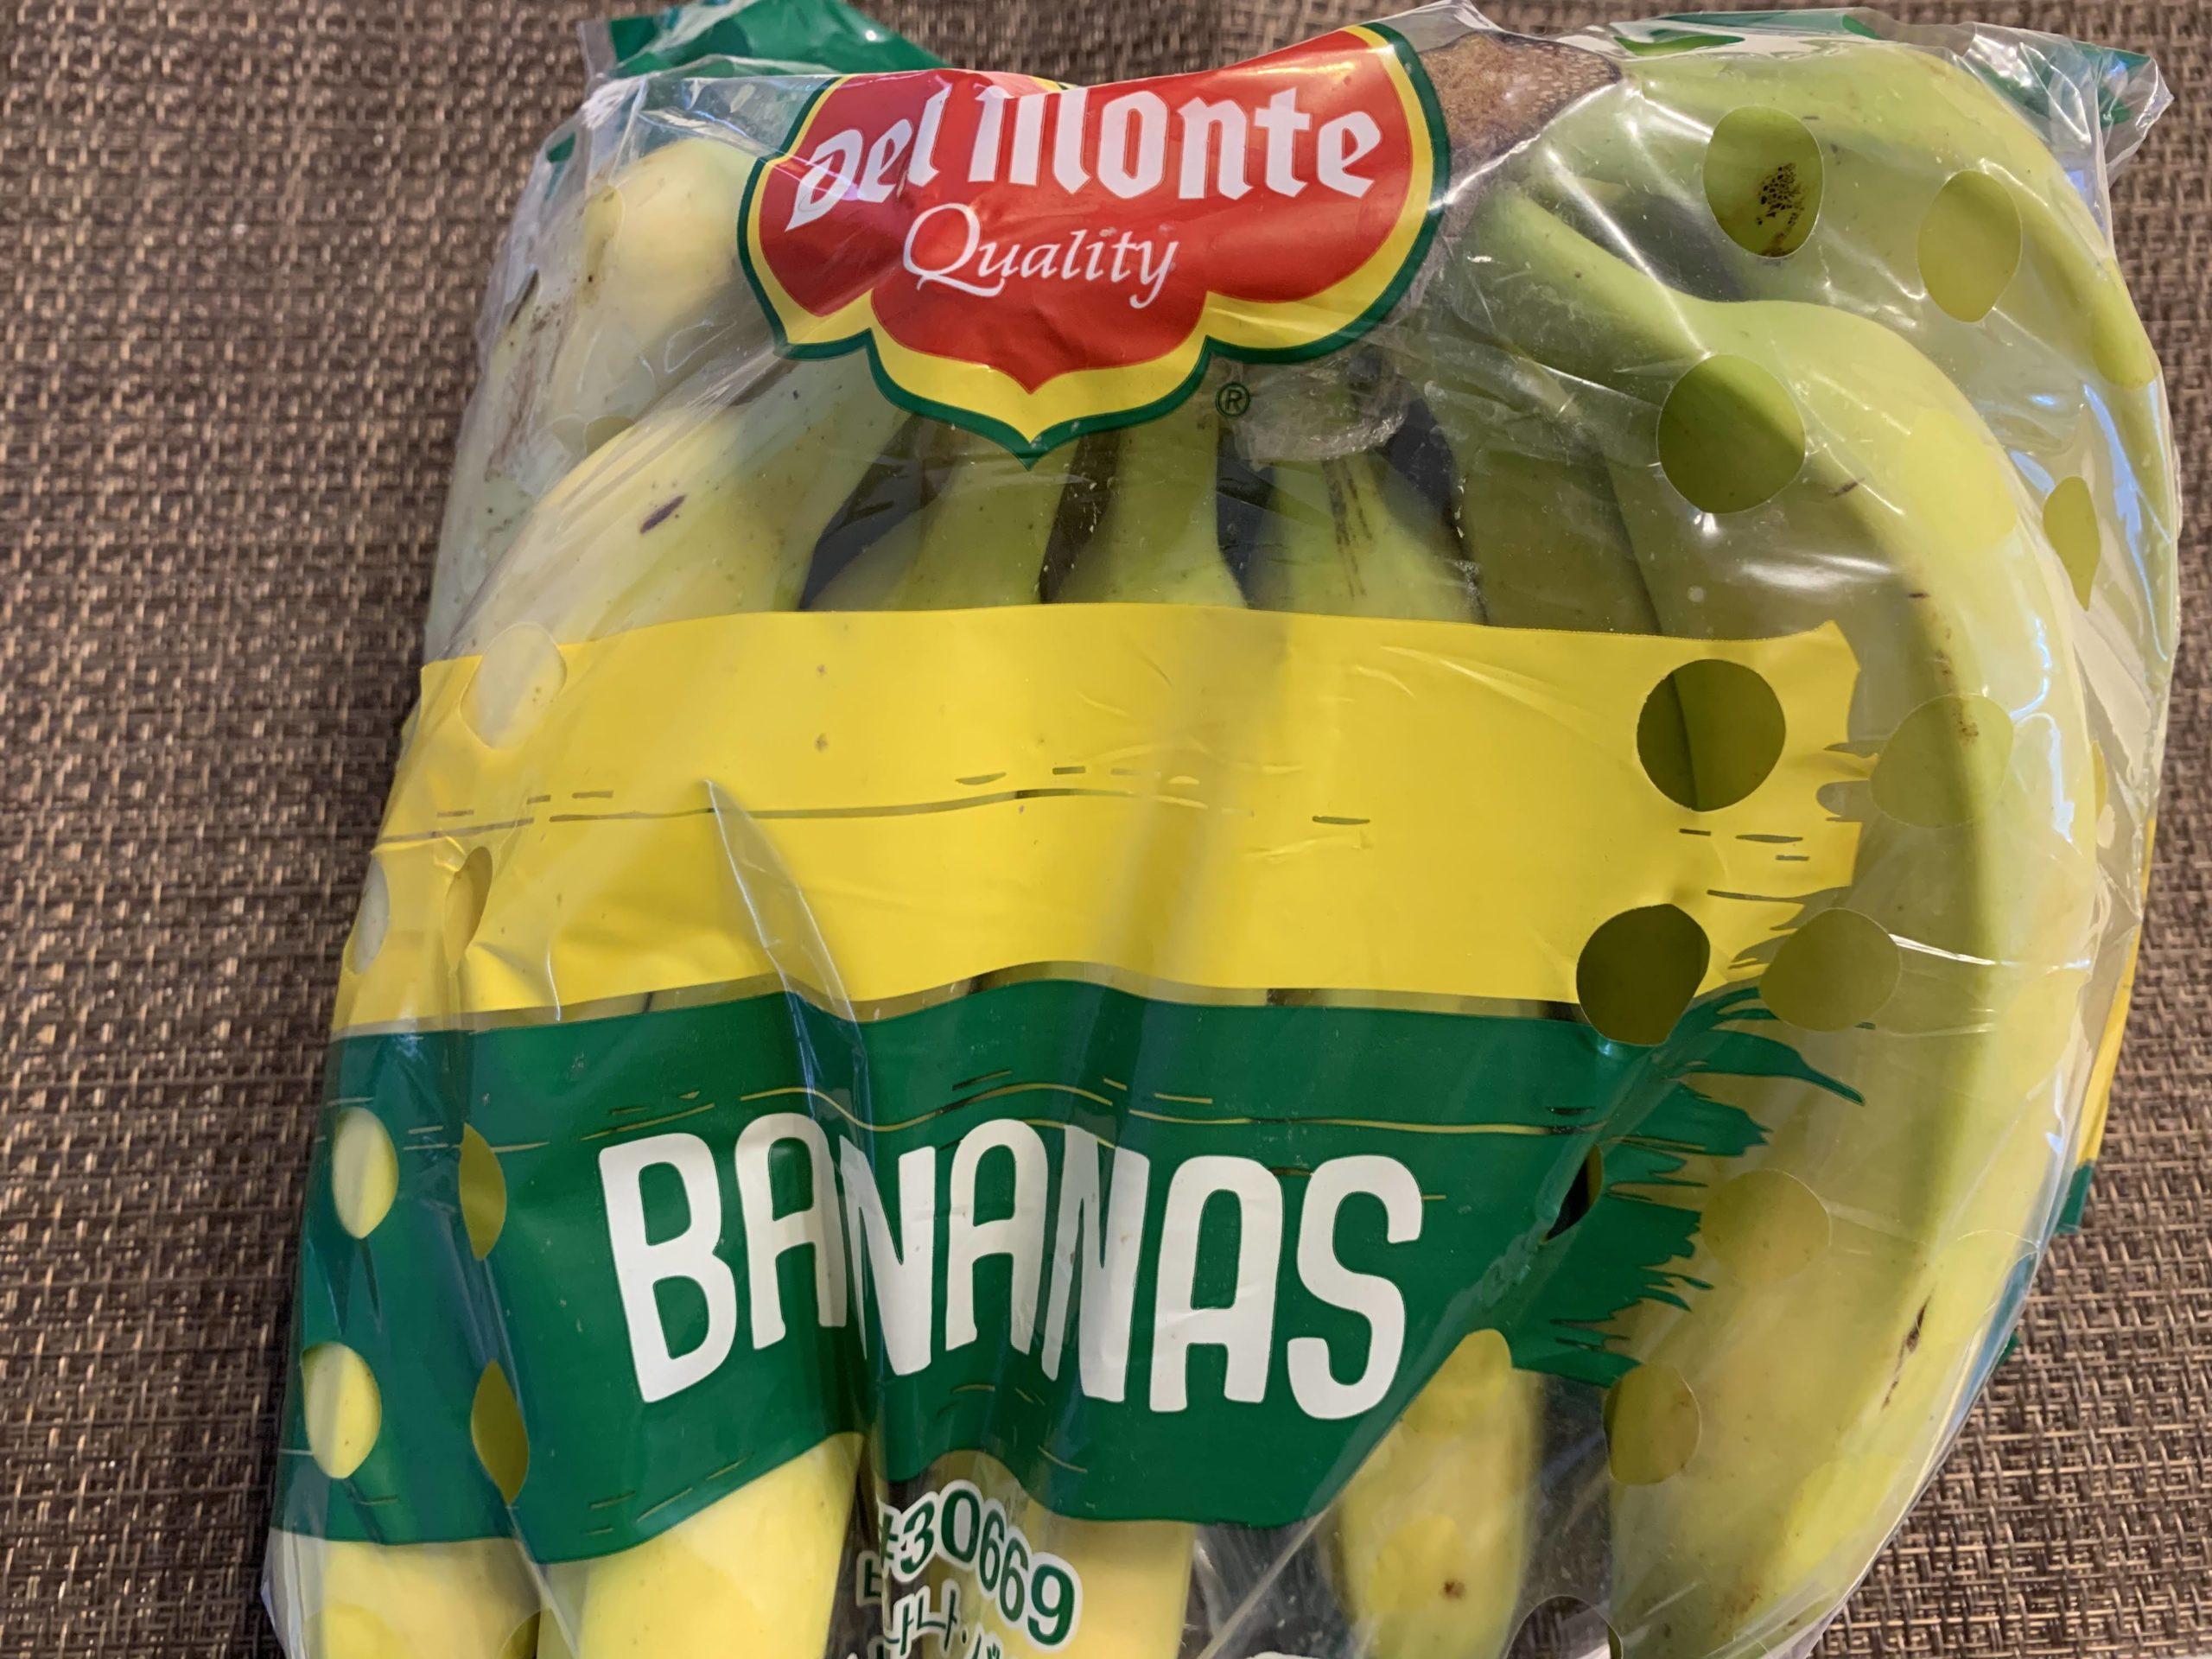 コストコのバナナは安くて大きい!おすすめできる理由は?